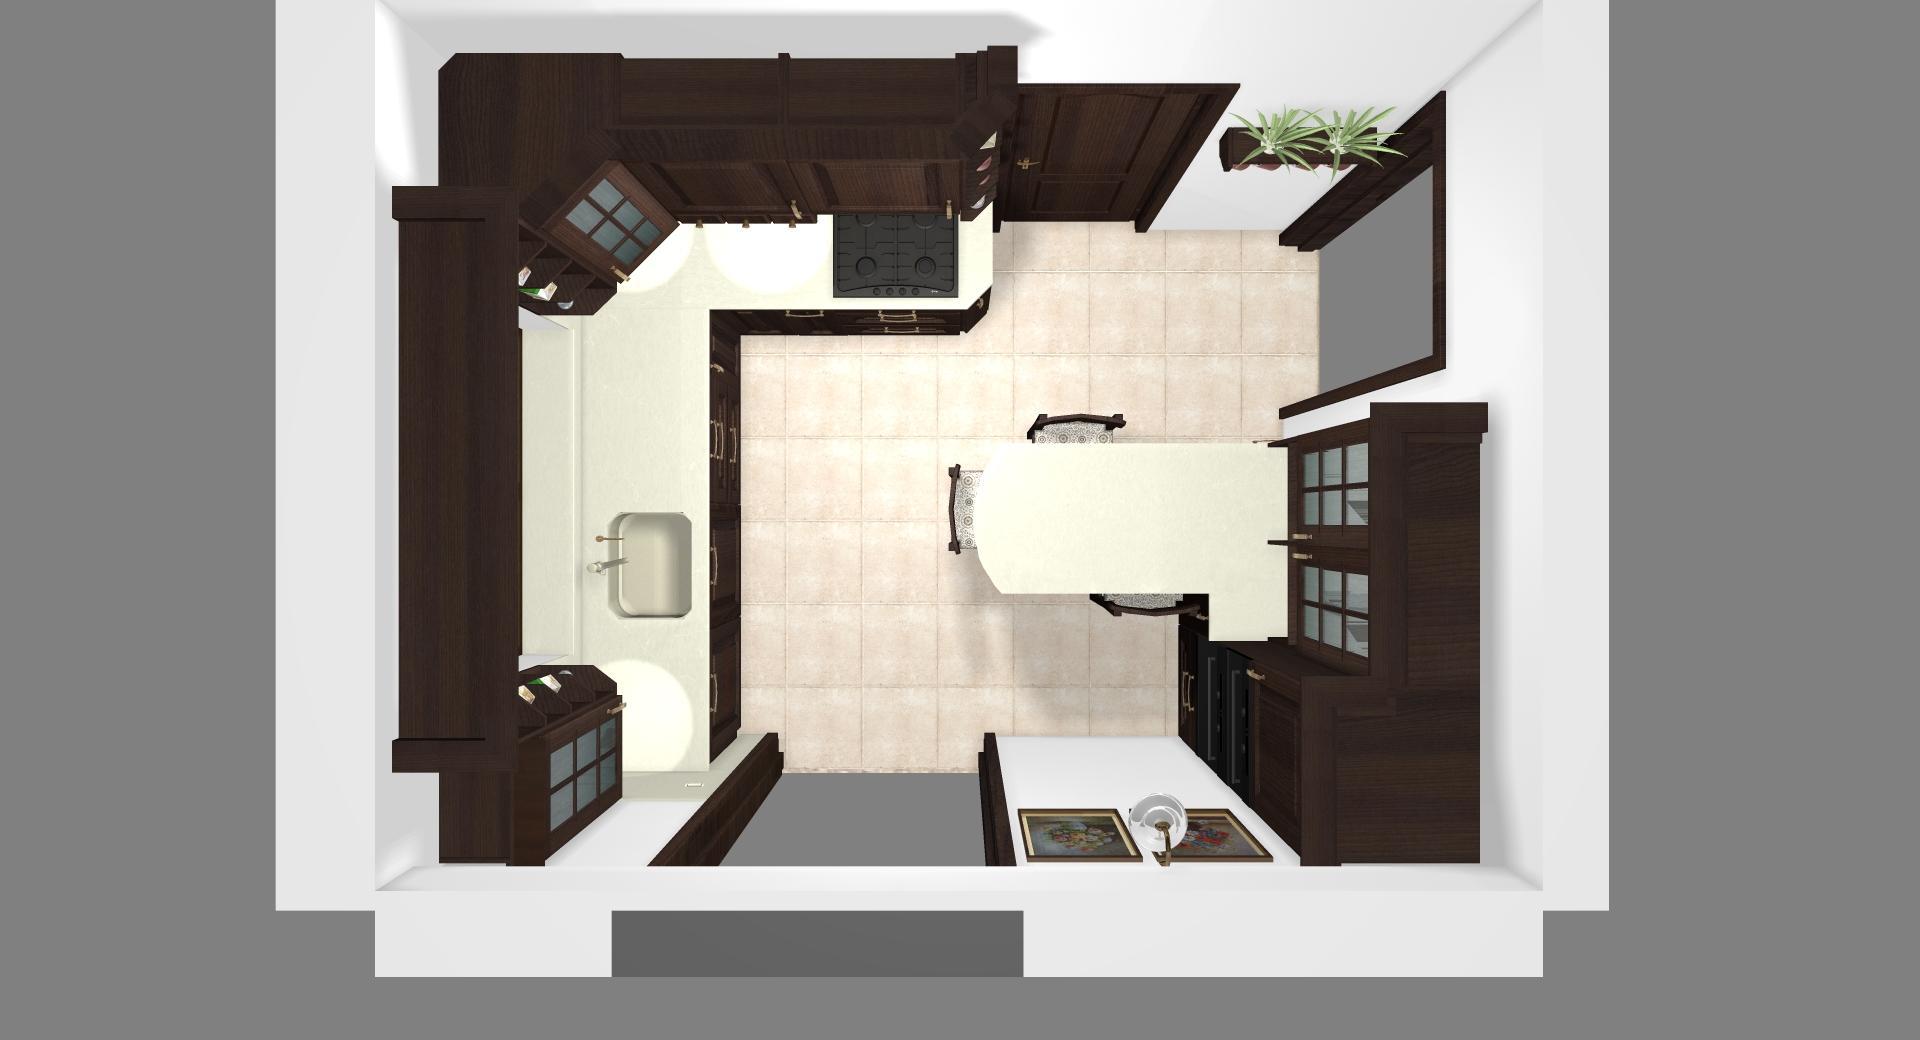 Grafické návrhy kuchynských liniek 2020 - Grafický návrh kuchynskej linky do rodinného domu v rustikálnom štýle - obr.9